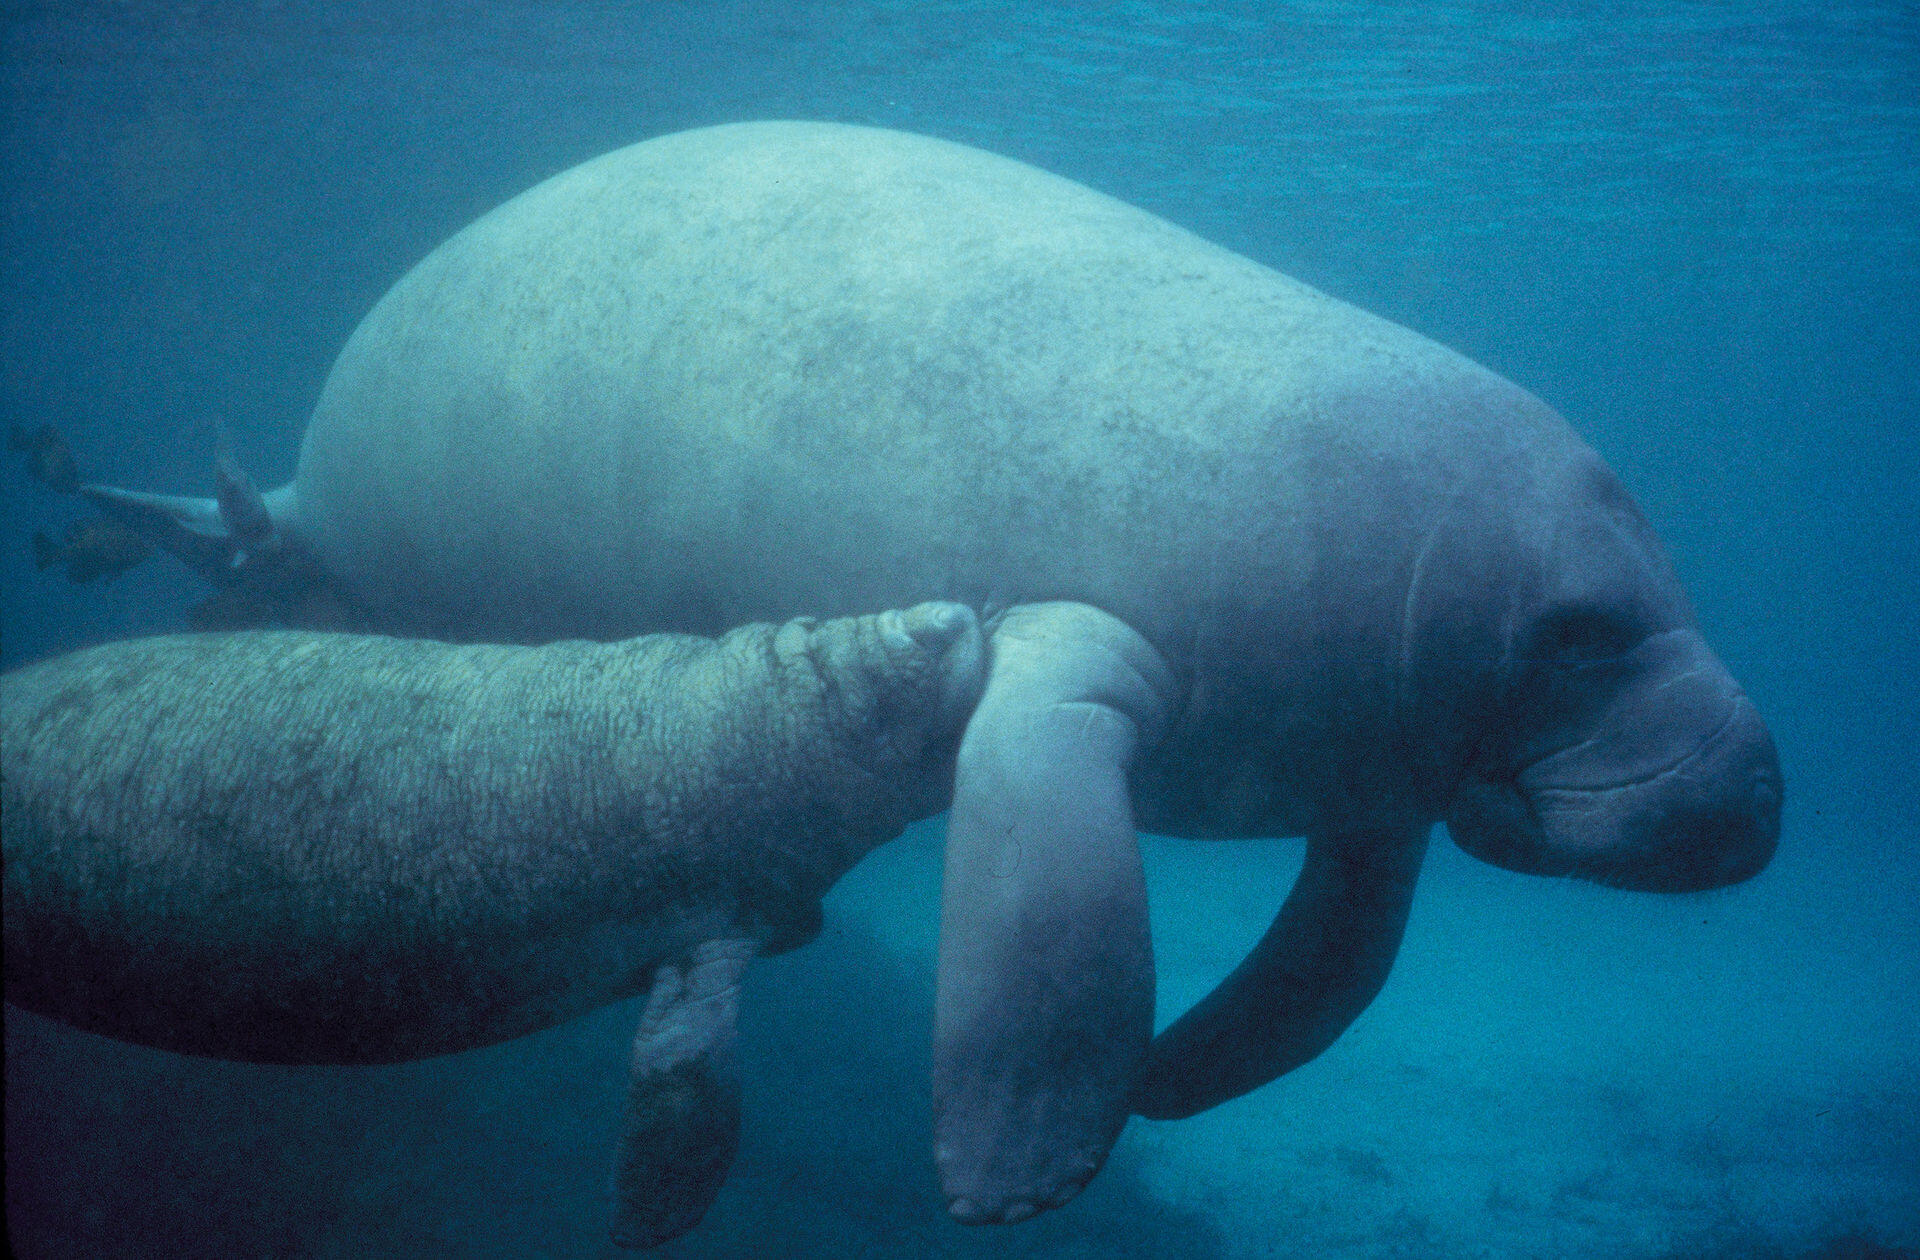 Peixe-boi é um dos animais da fauna marinha brasileira em risco de extinção.